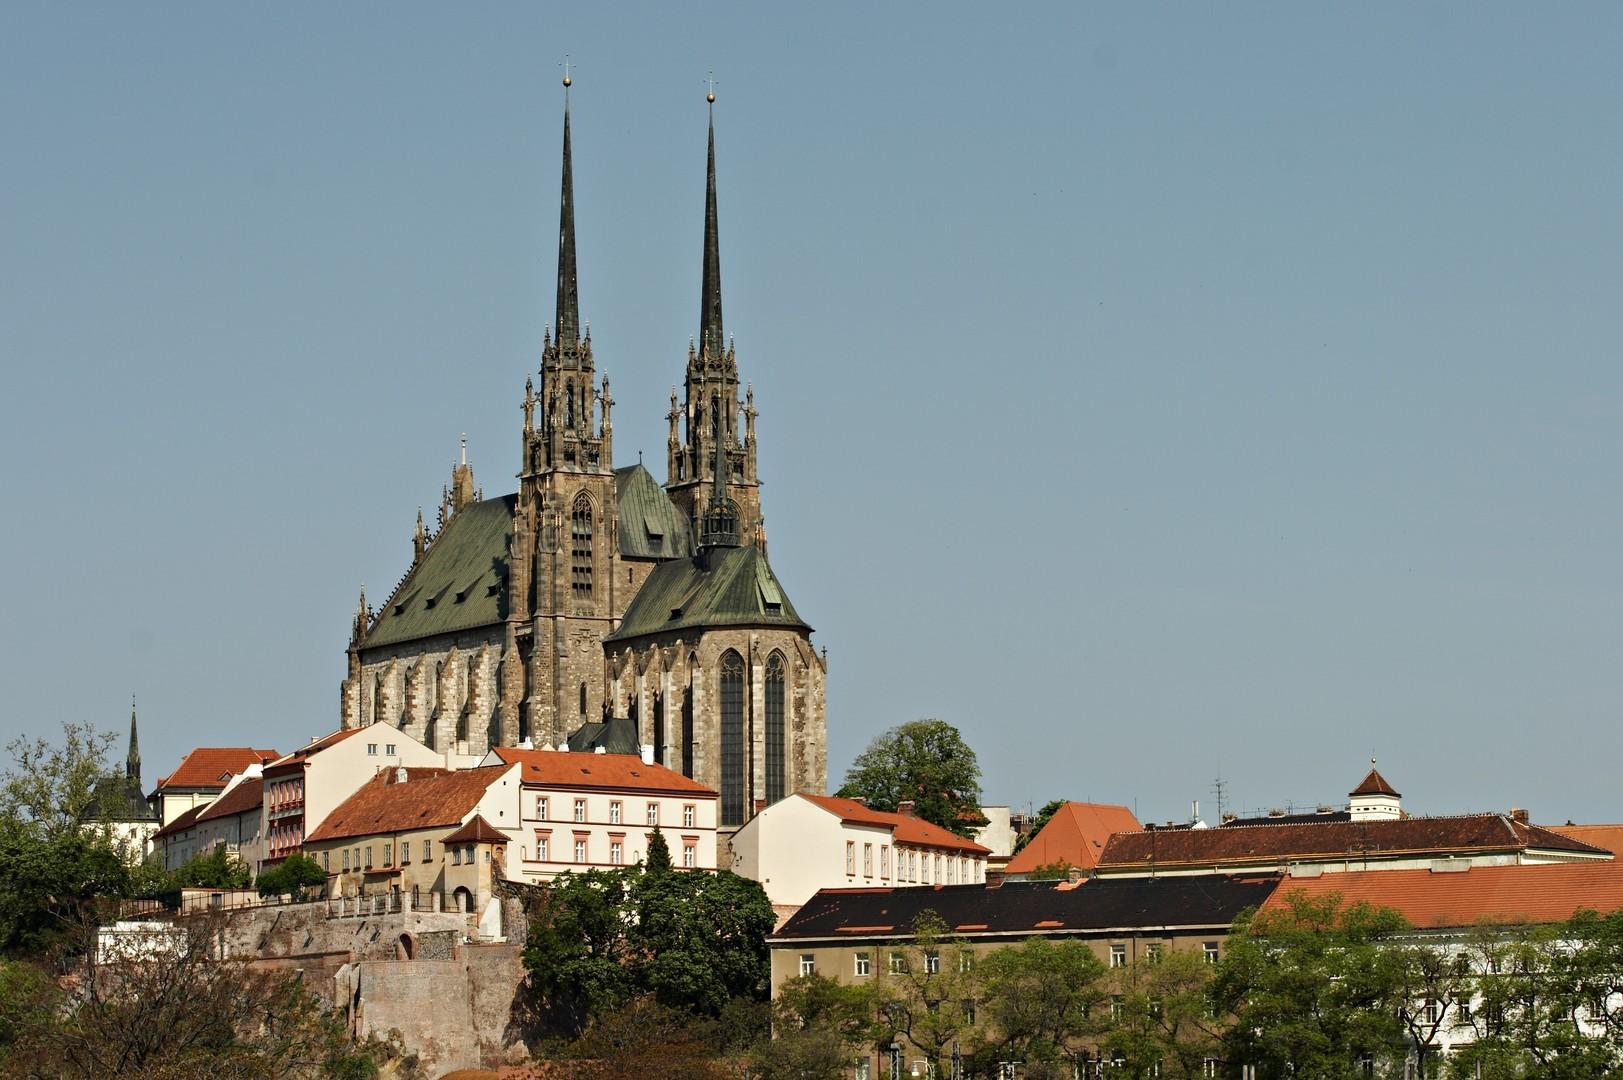 Erasmusowe doświadczenie w Brnie, Czechy, autorka: Elena